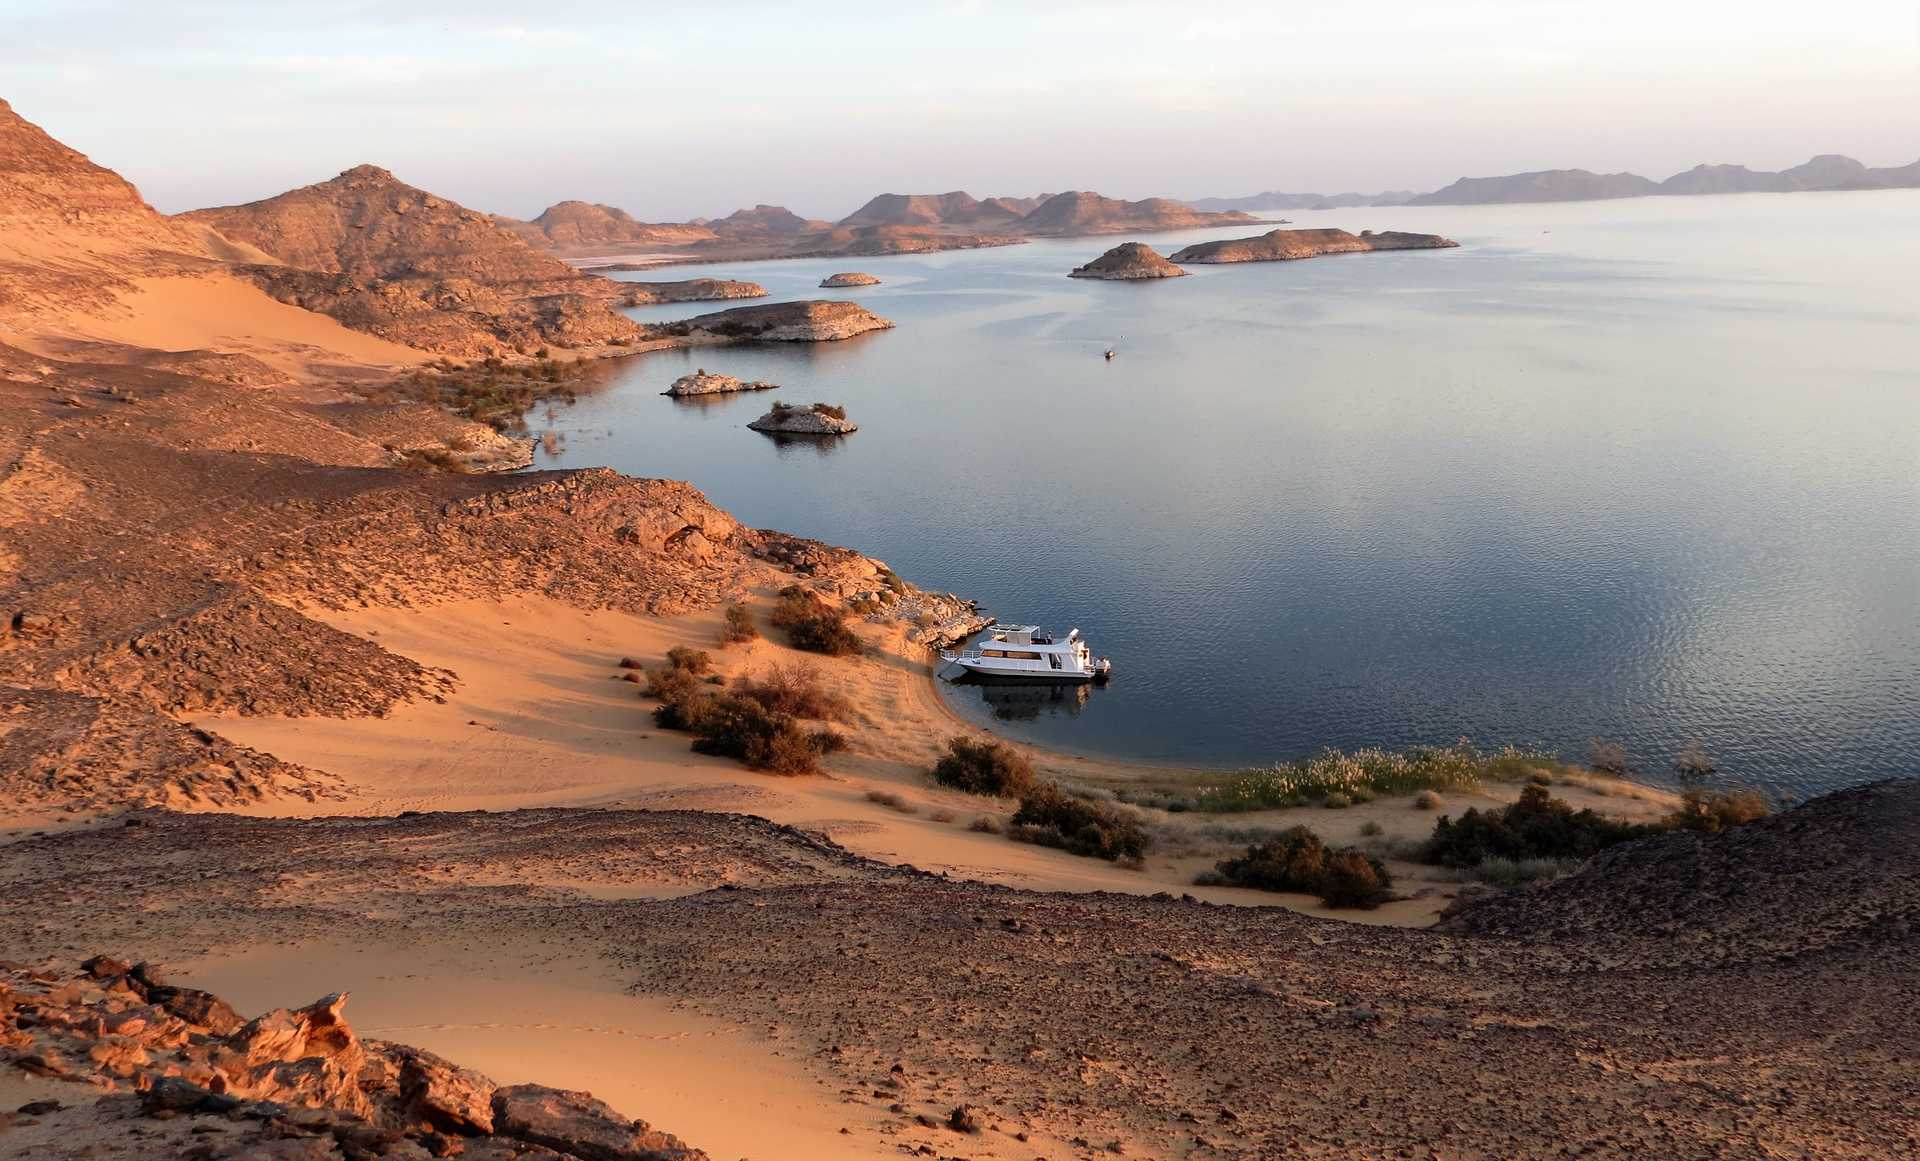 Coucher de soleil sur le lac Nasser en Egypte